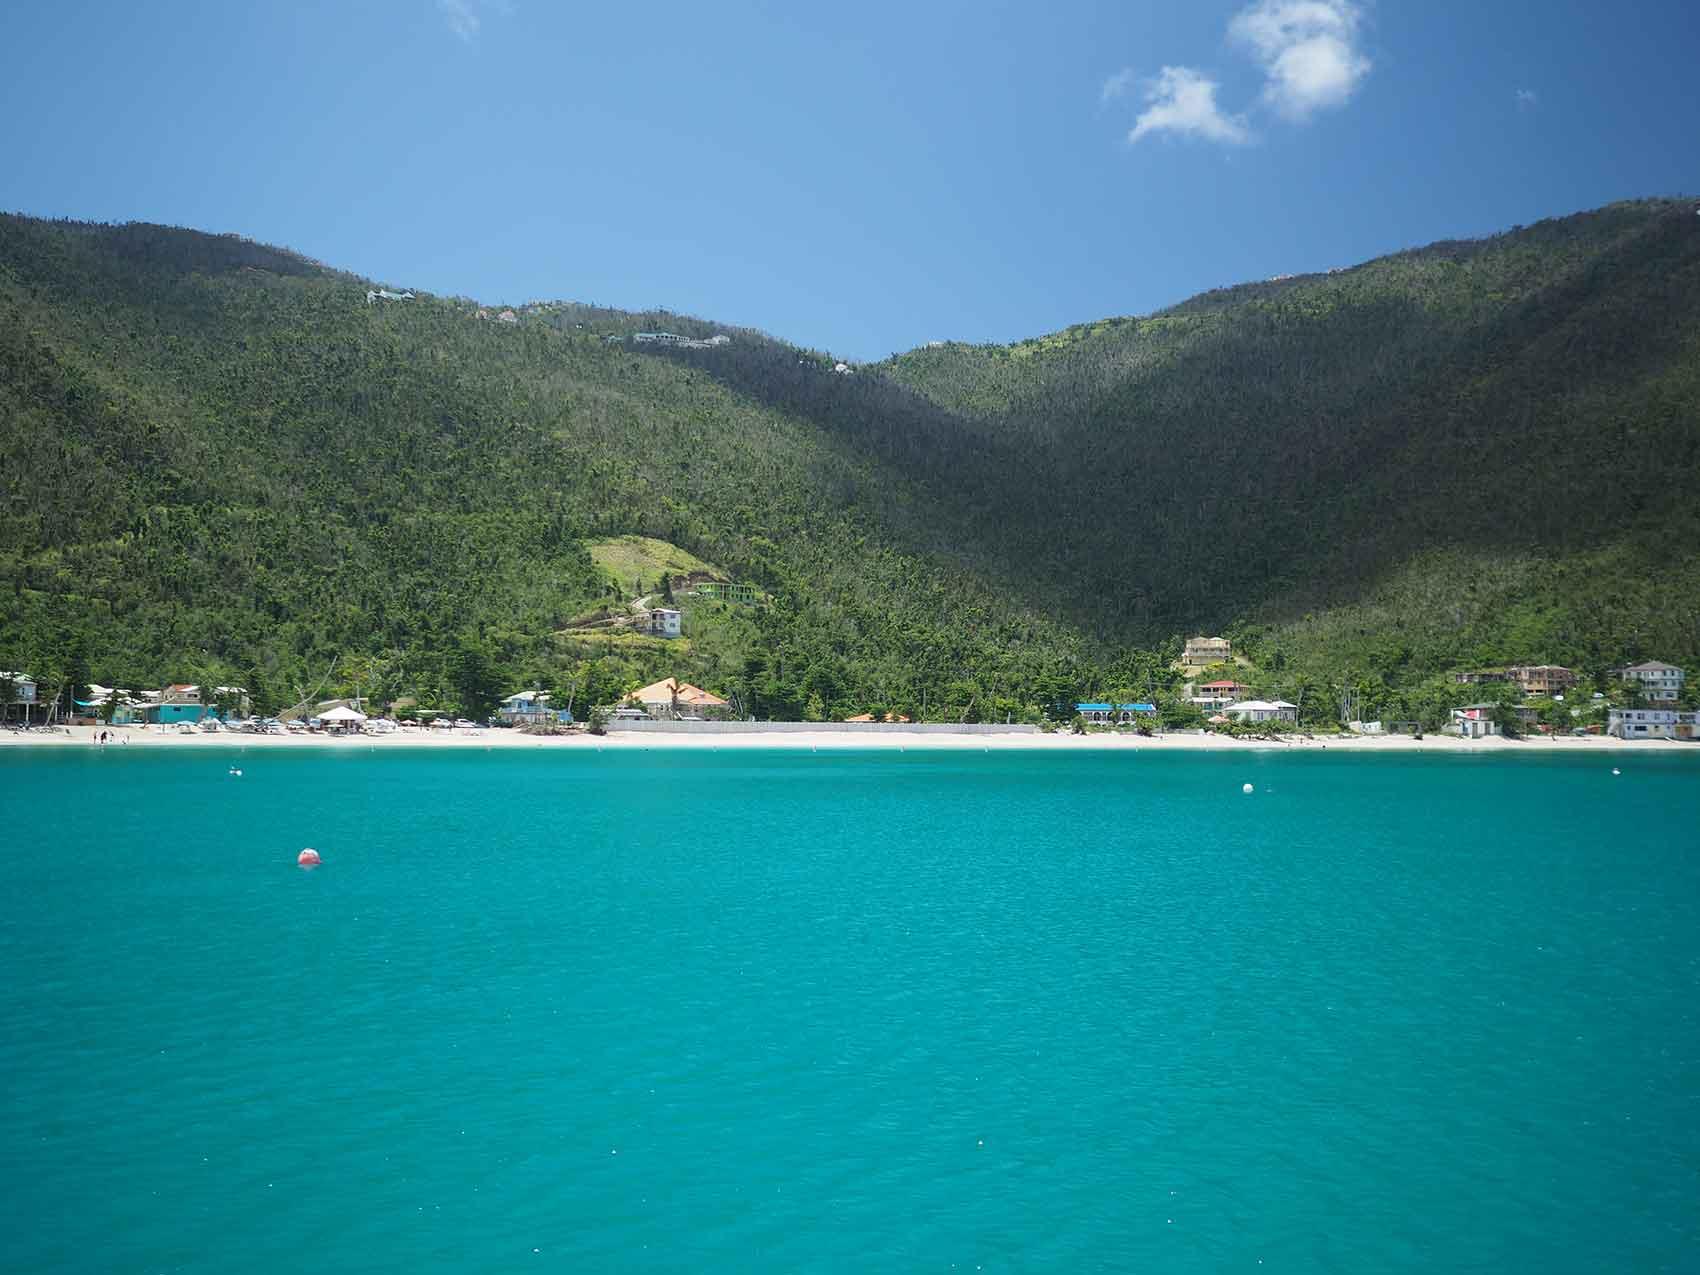 Cane Garden Bay sur l'île de Tortola, aux BVI.